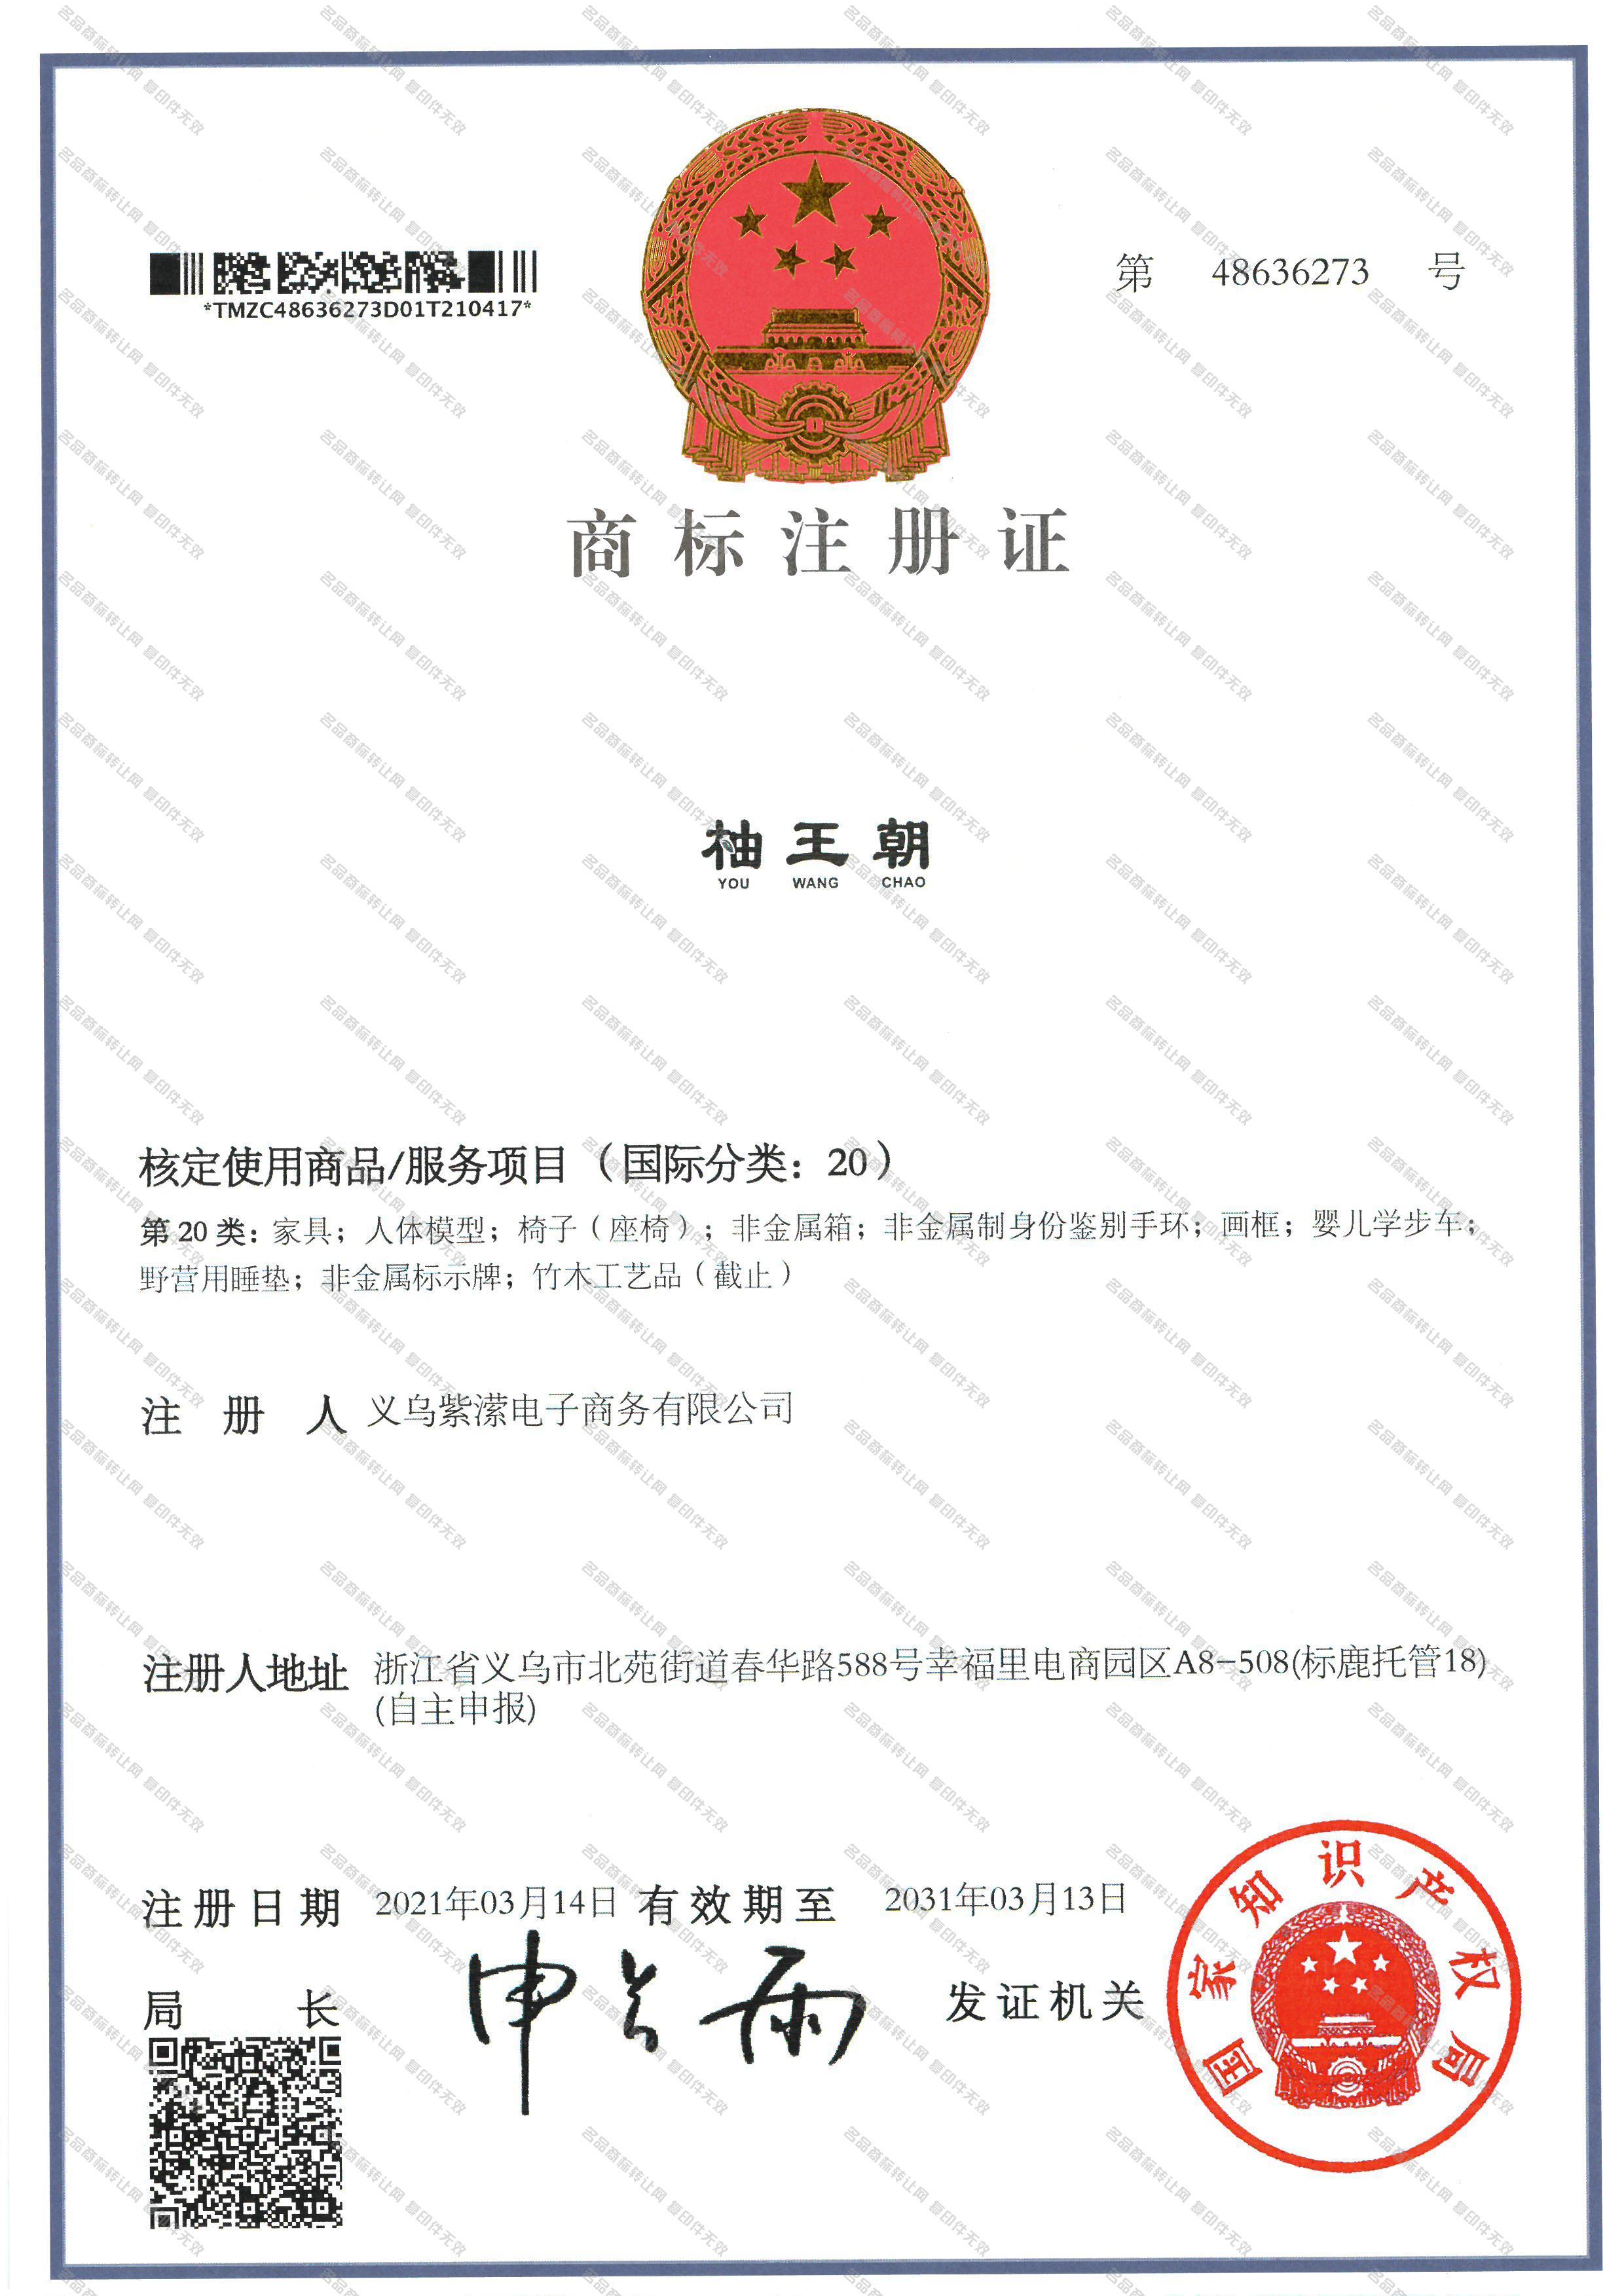 柚王朝;YOUWANGCHAO注册证